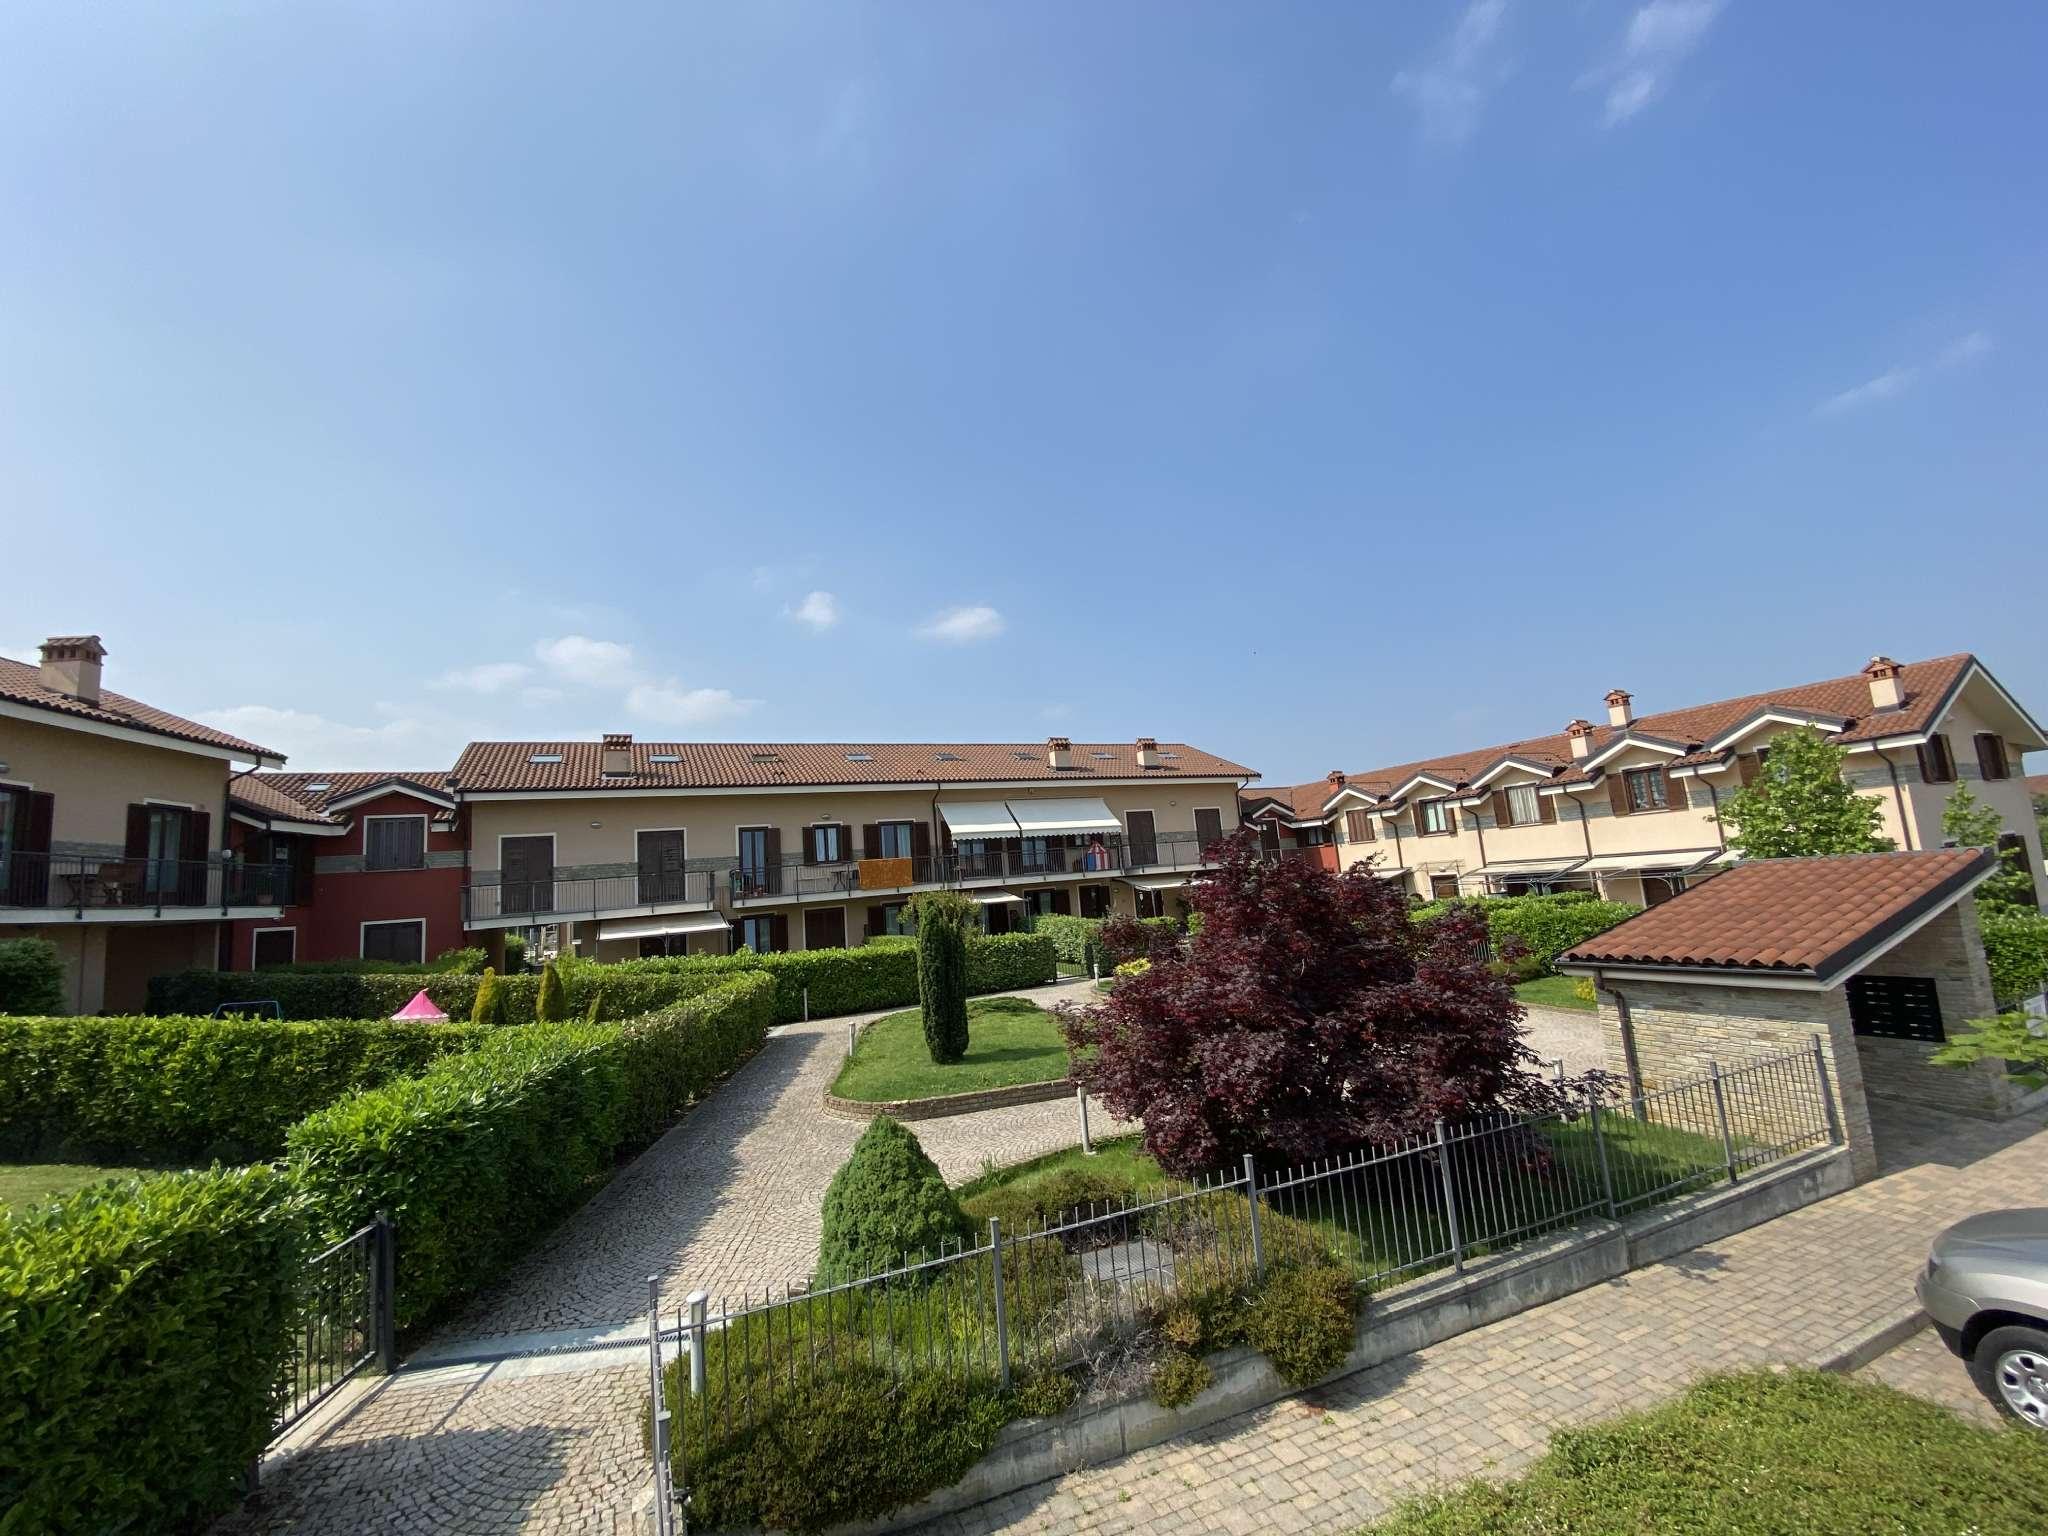 Appartamento in vendita a Bricherasio, 5 locali, prezzo € 215.000 | CambioCasa.it